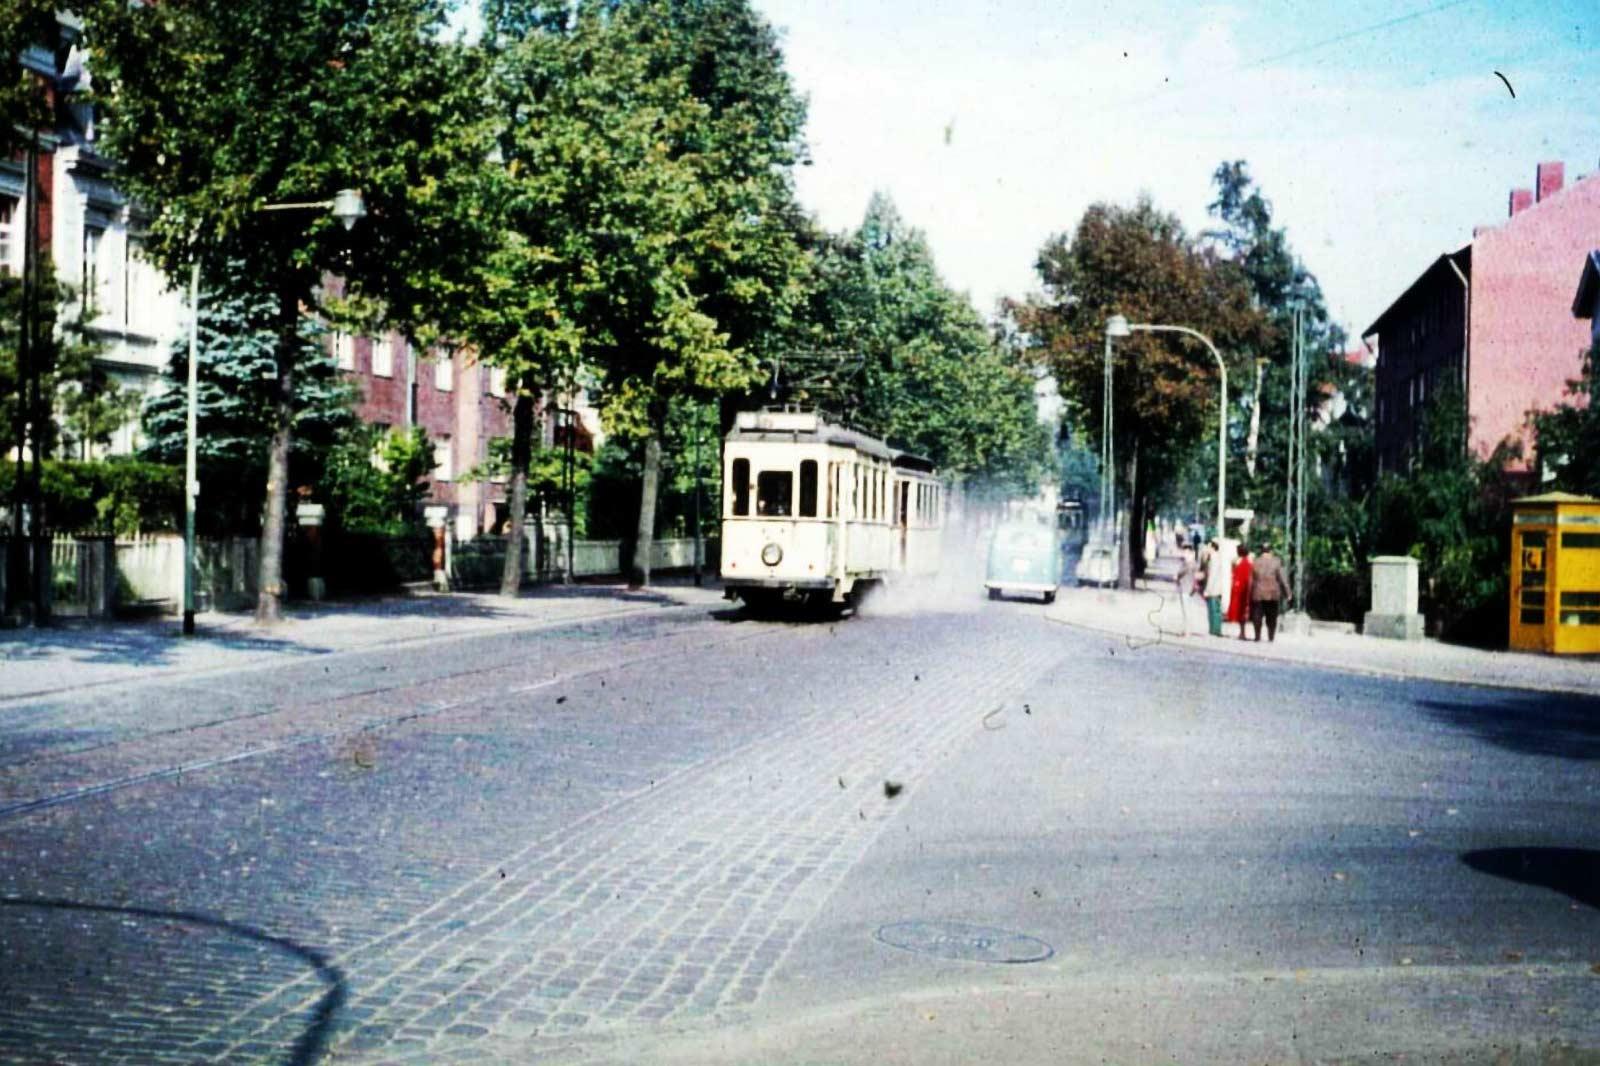 alte Straßenbahn in Lübeck